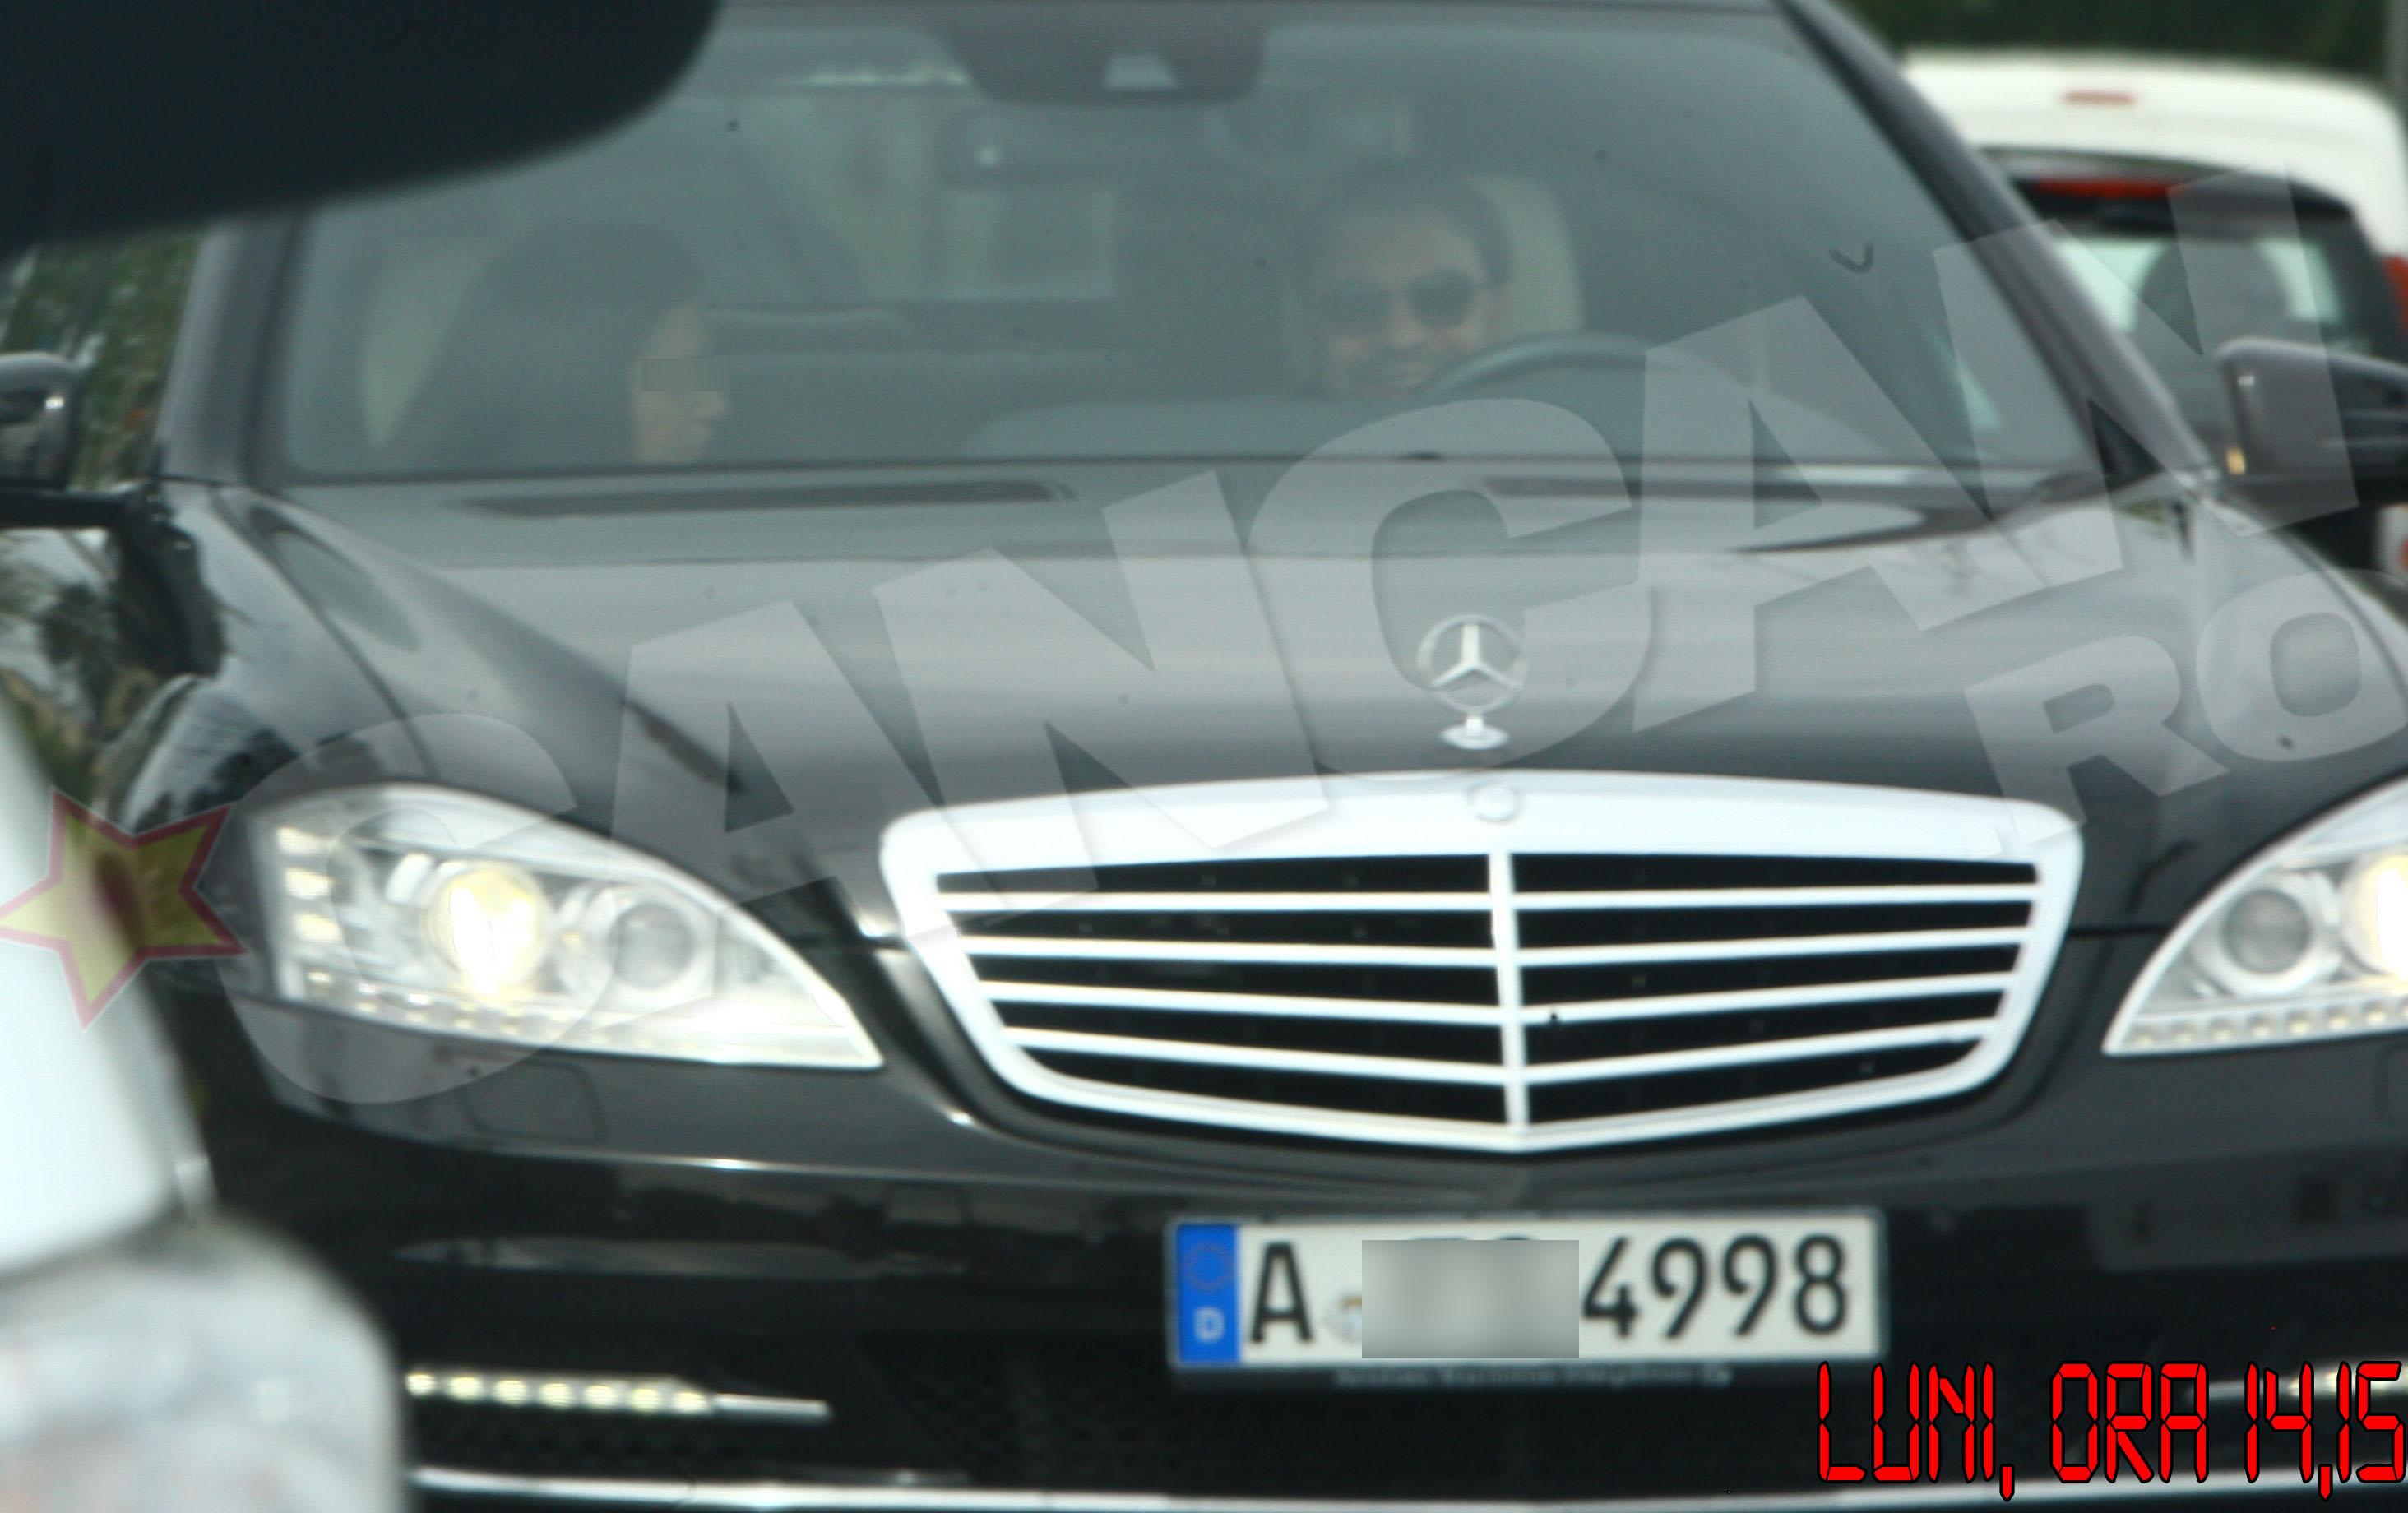 Florin nu s-a prezenta la scoala oricum, ci la volanul limuzilei lui de 100.000 de euro